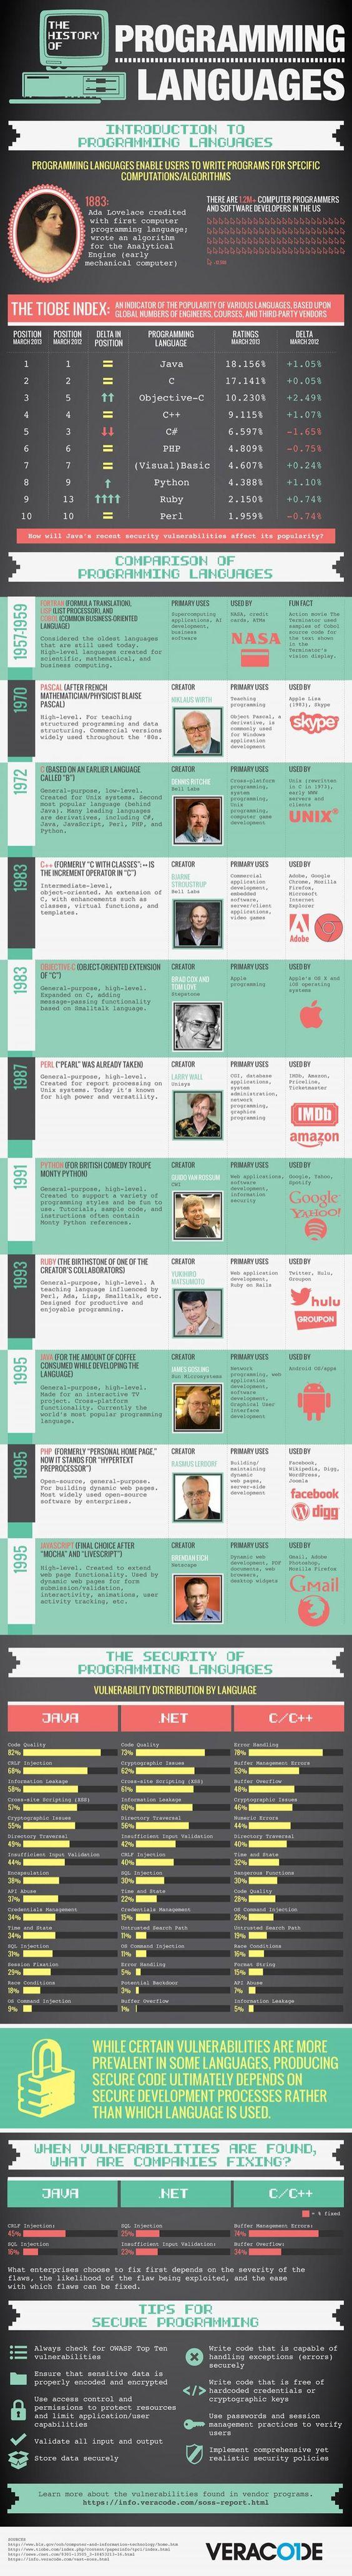 linguaggi-di-programmazione